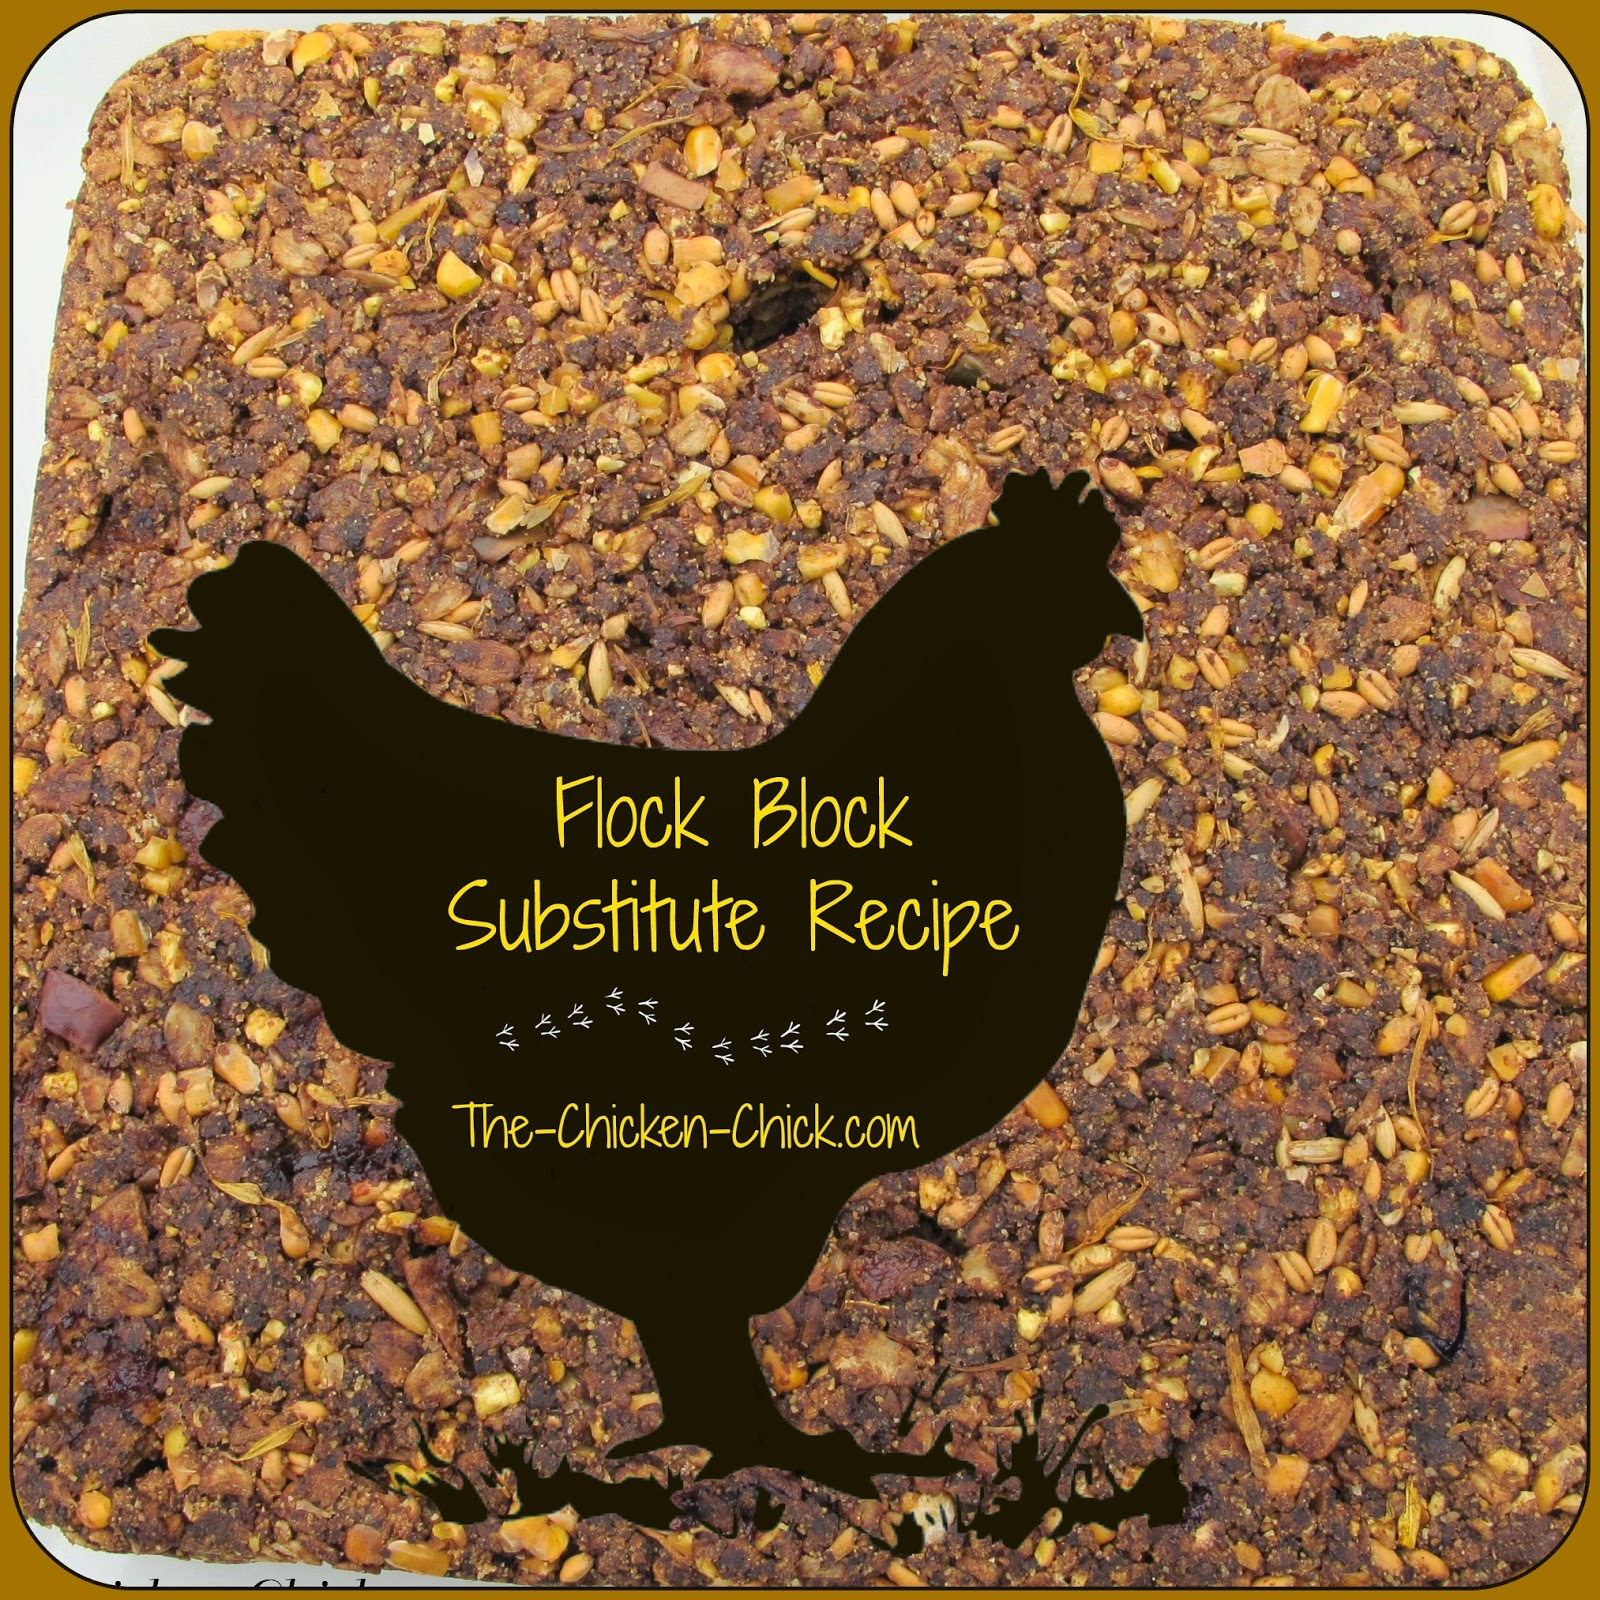 Homemade Flock Block Substitute